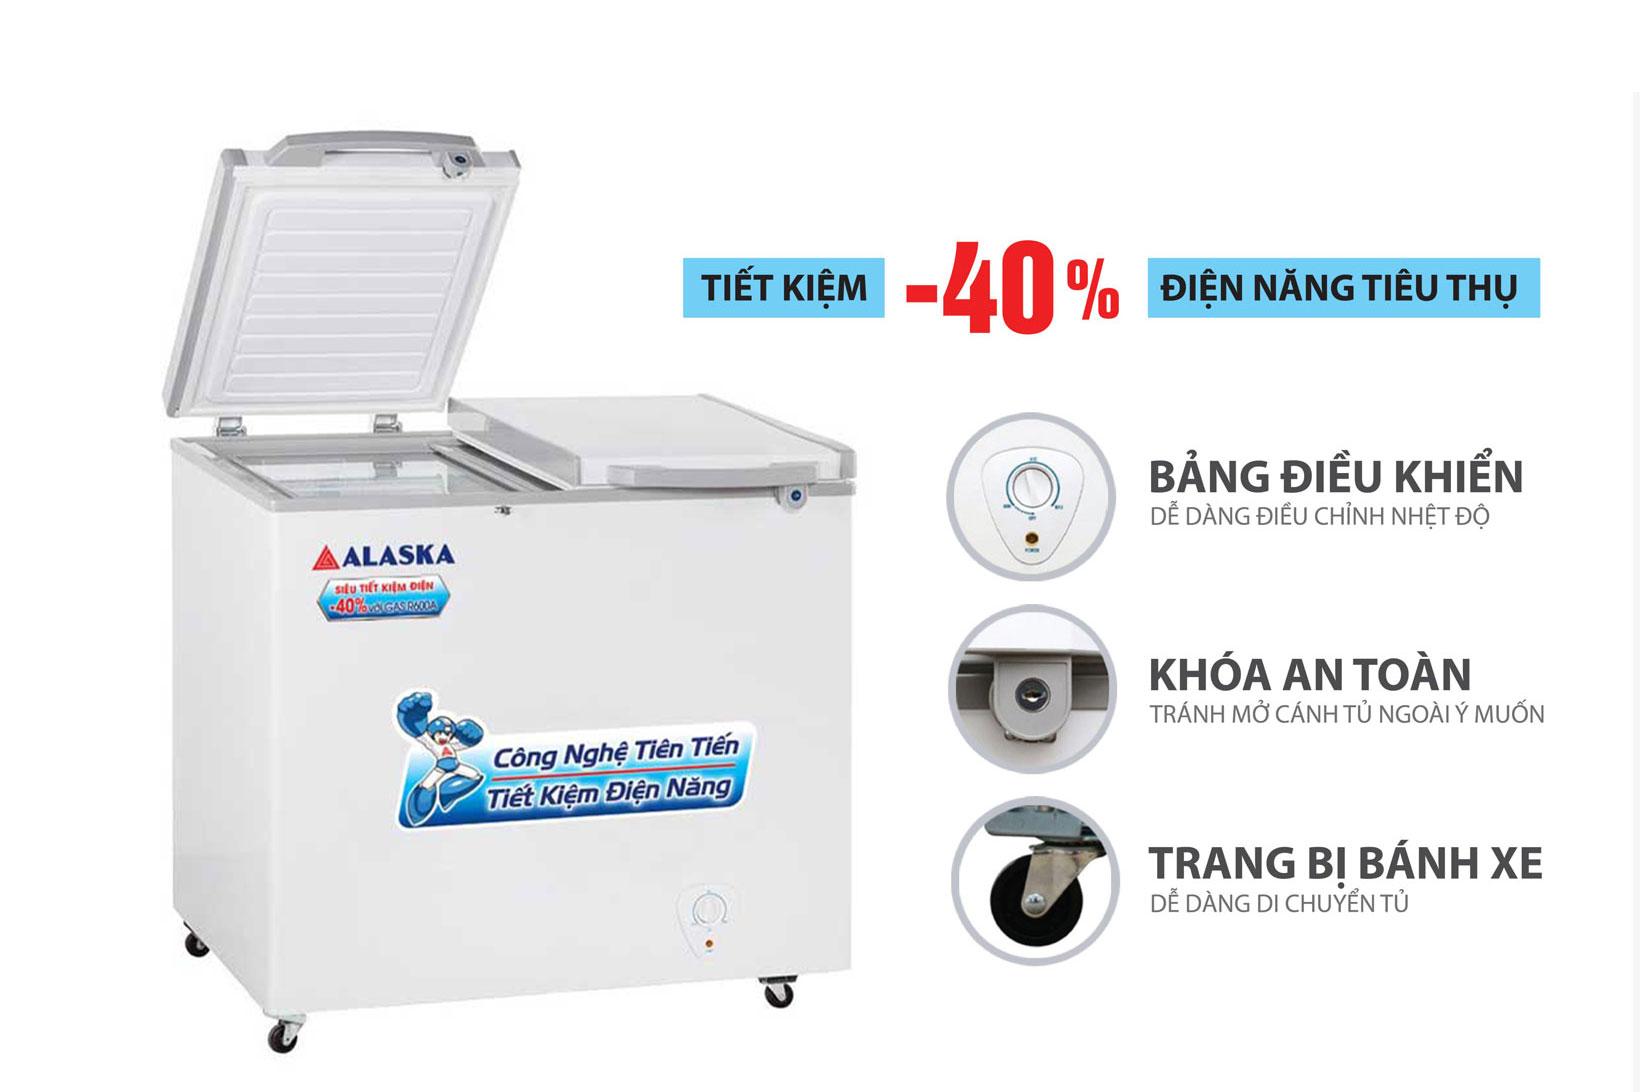 Tủ đông mát Alaska FCA-2600N